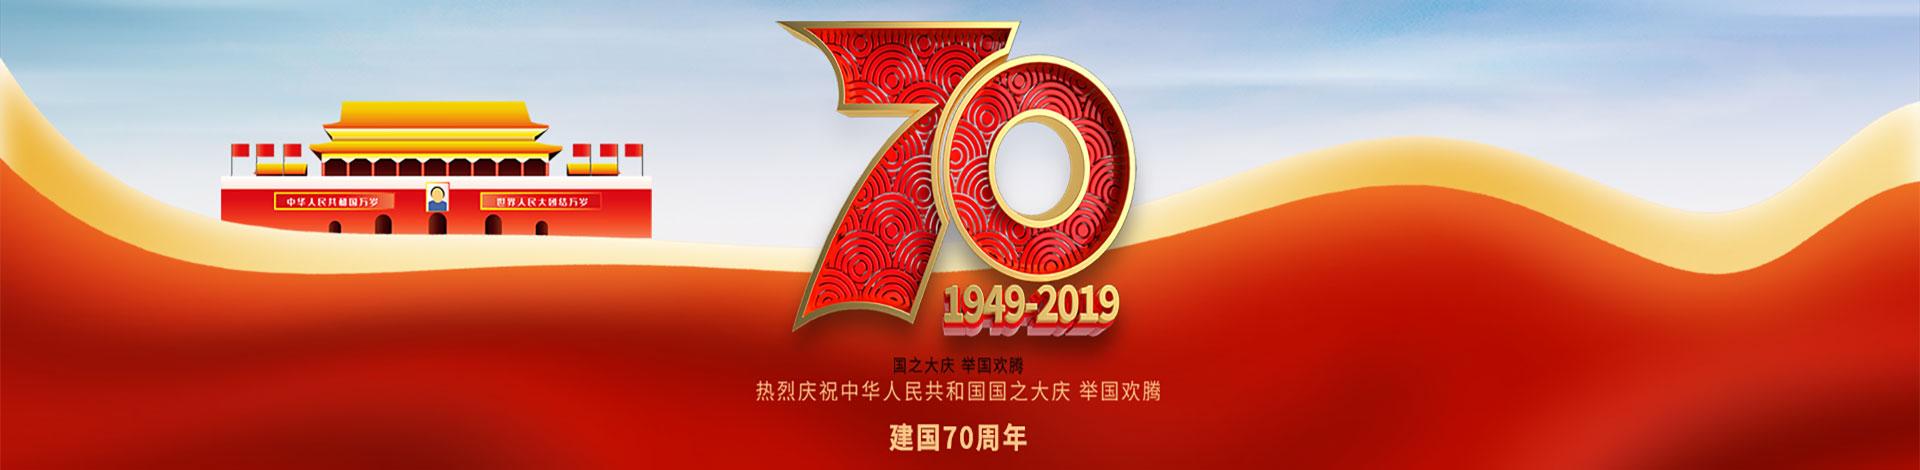 广西科创校准检测有限公司祝祖国母亲70岁生日快乐